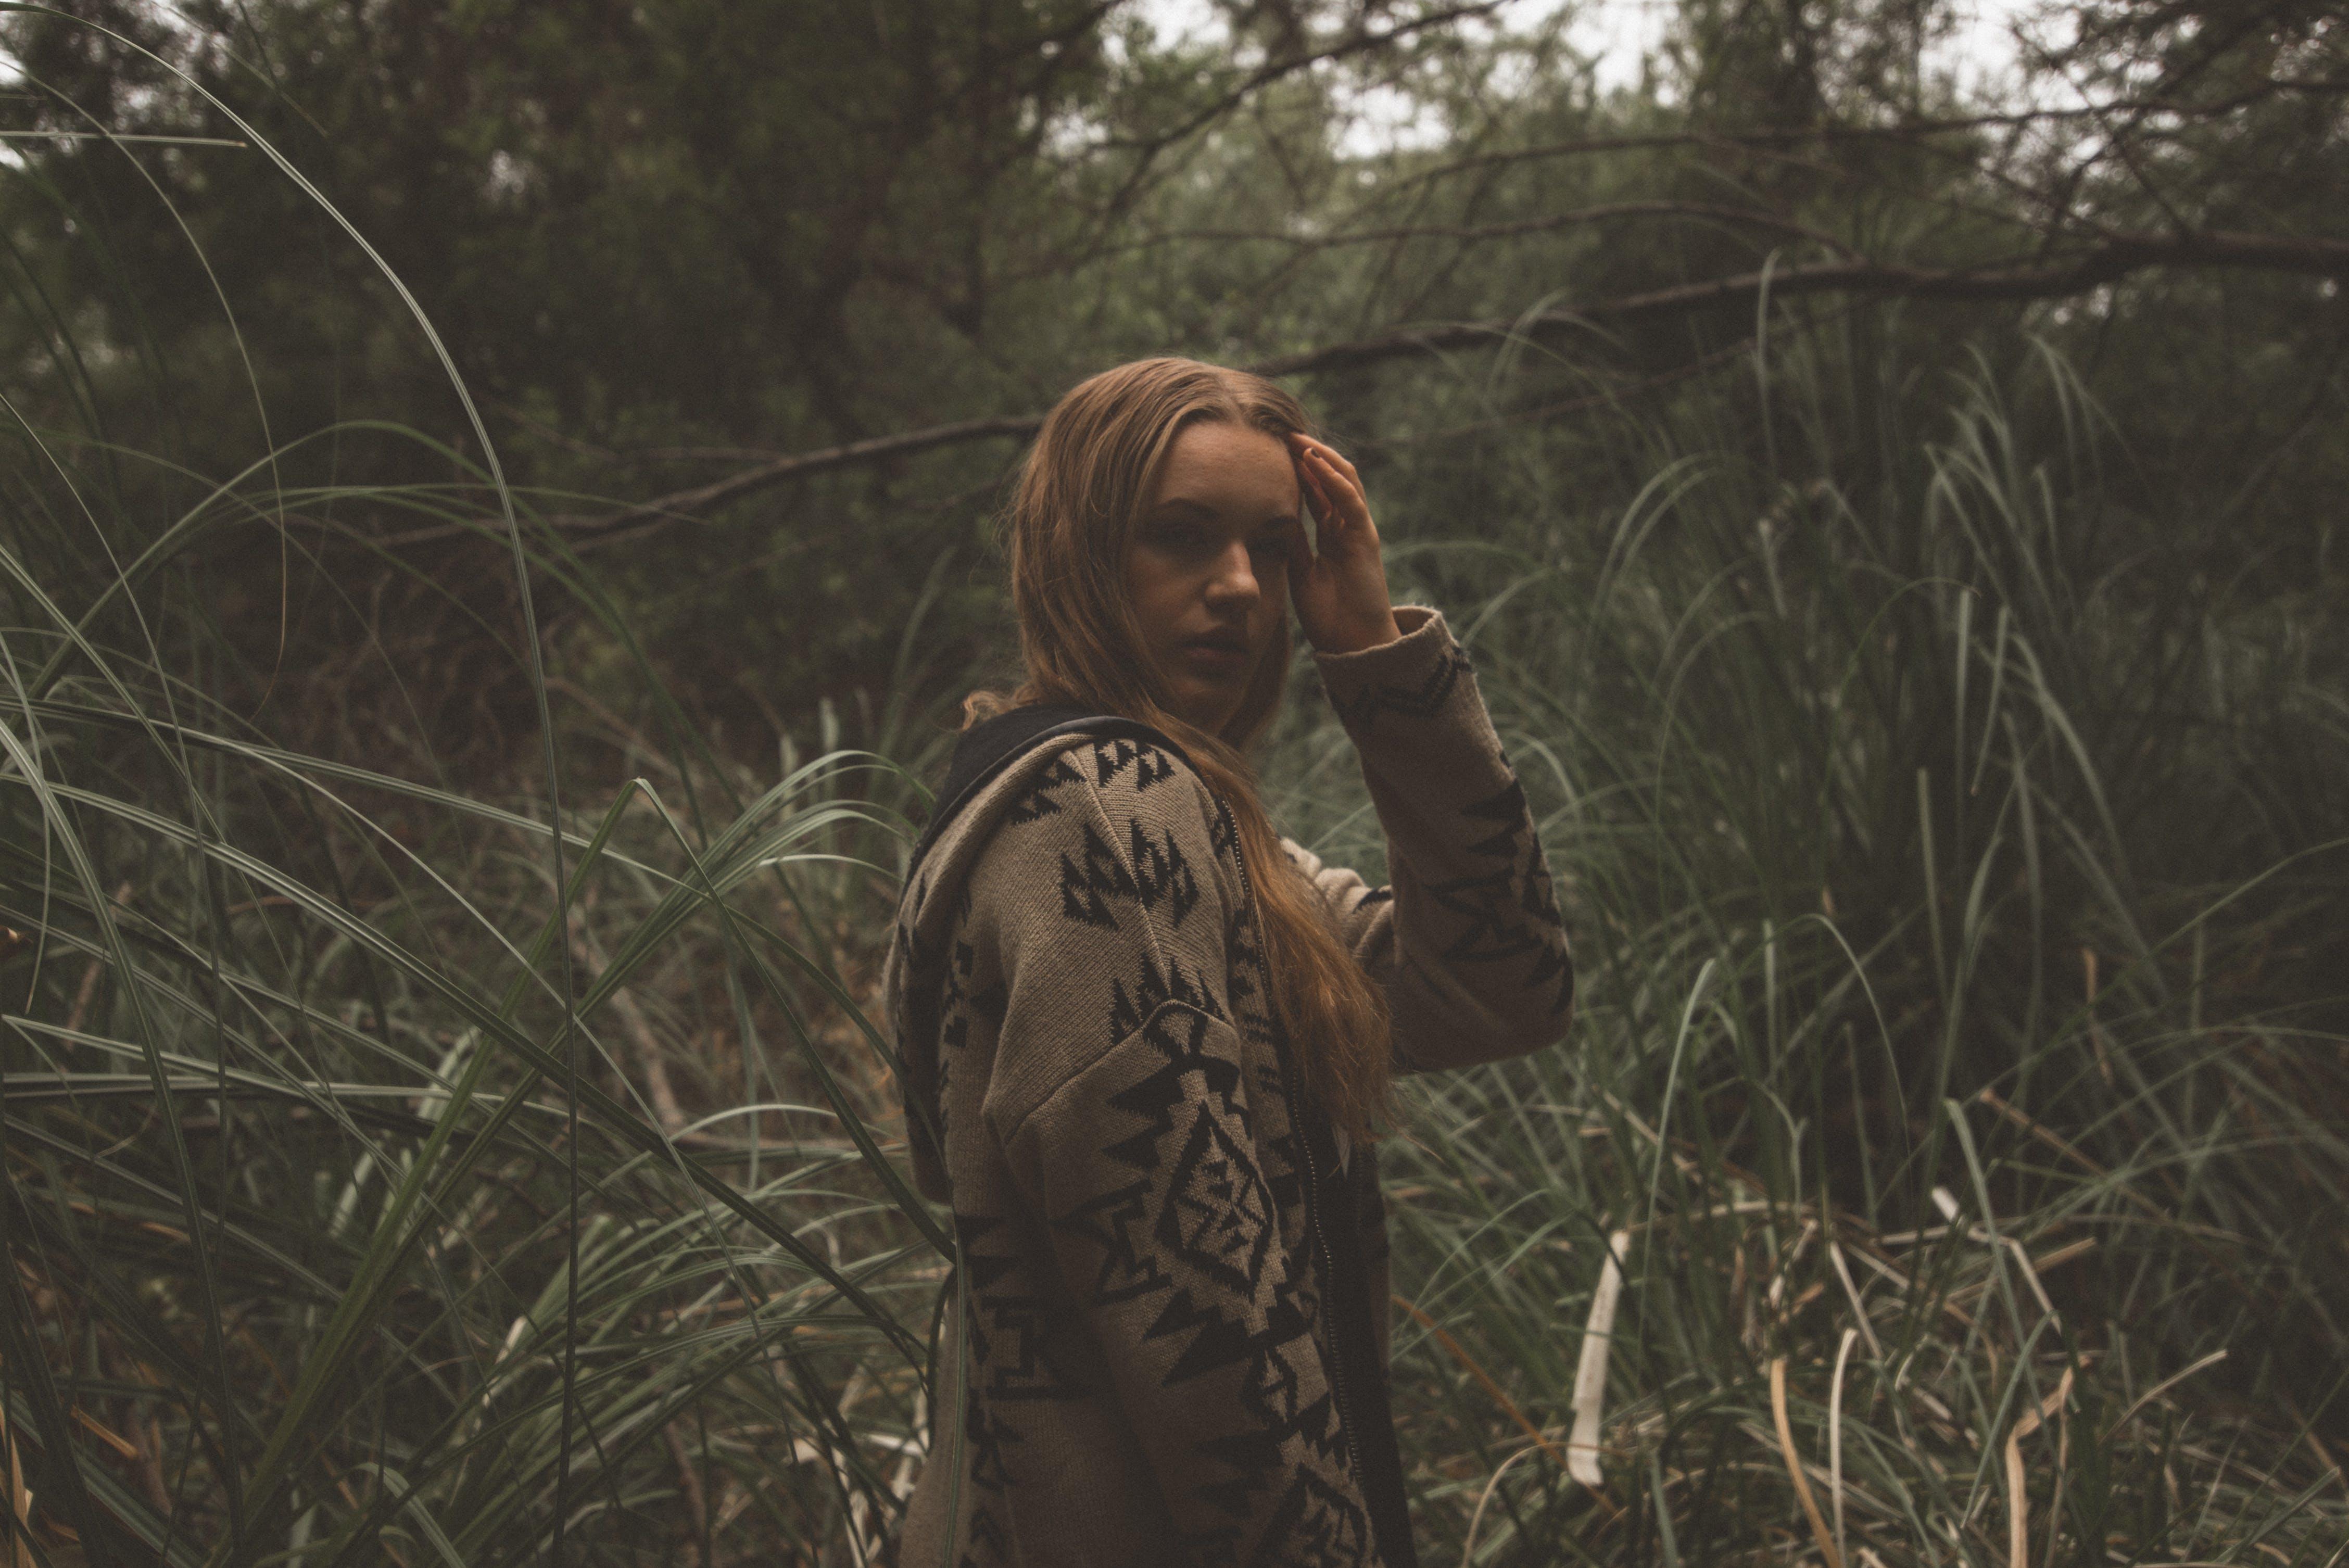 ソロ, ファッション, ブロンドの髪, 人の無料の写真素材